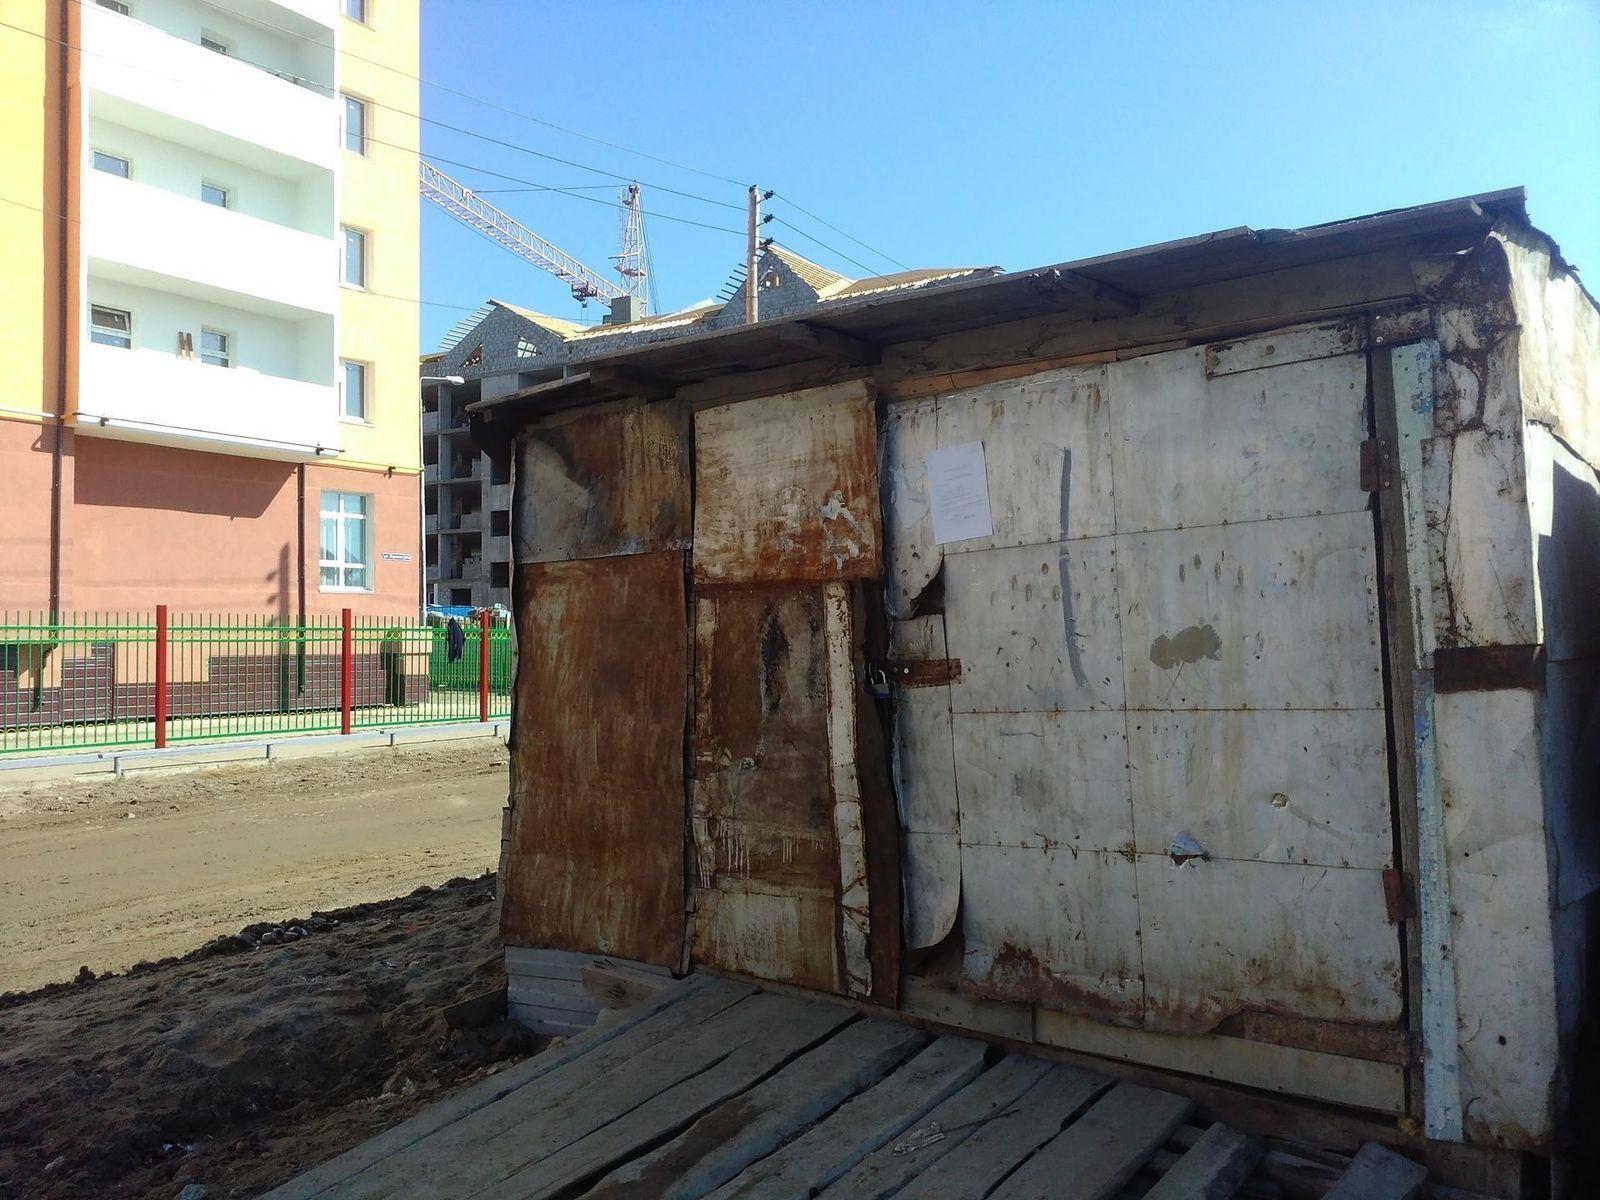 Штрафстоянка железных гаражей гараж размером 8 8